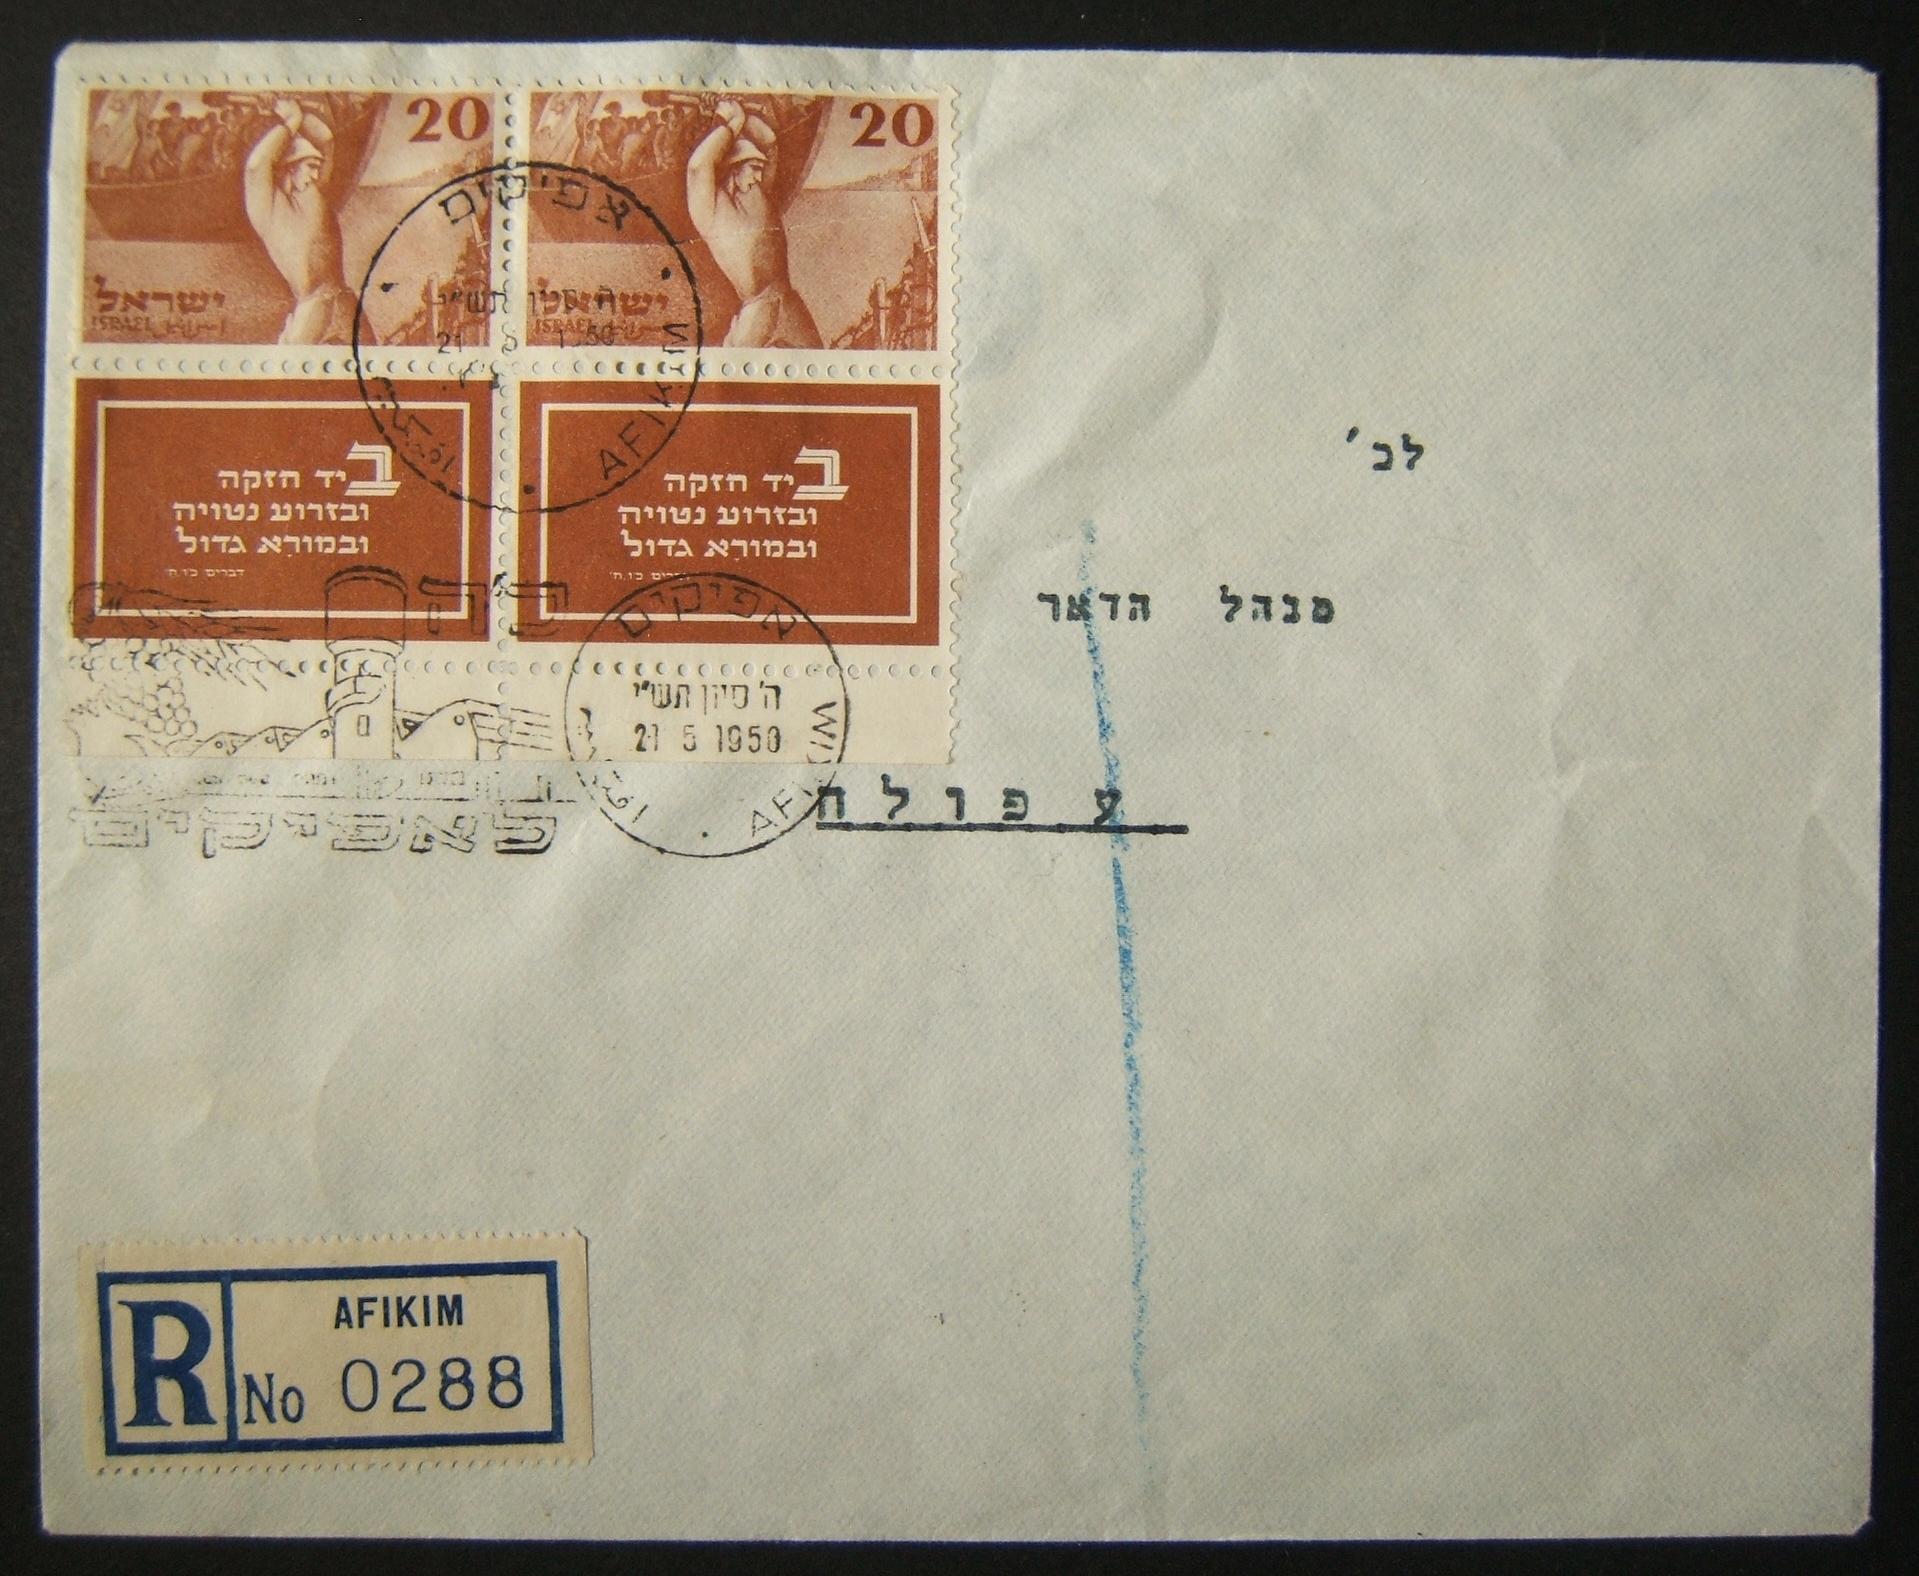 21-5-1950 بريد إلكتروني من Afikim إلى العفولة مع علامة تبويب كاملة استقلال franks + ختم البريد الأول في اليوم